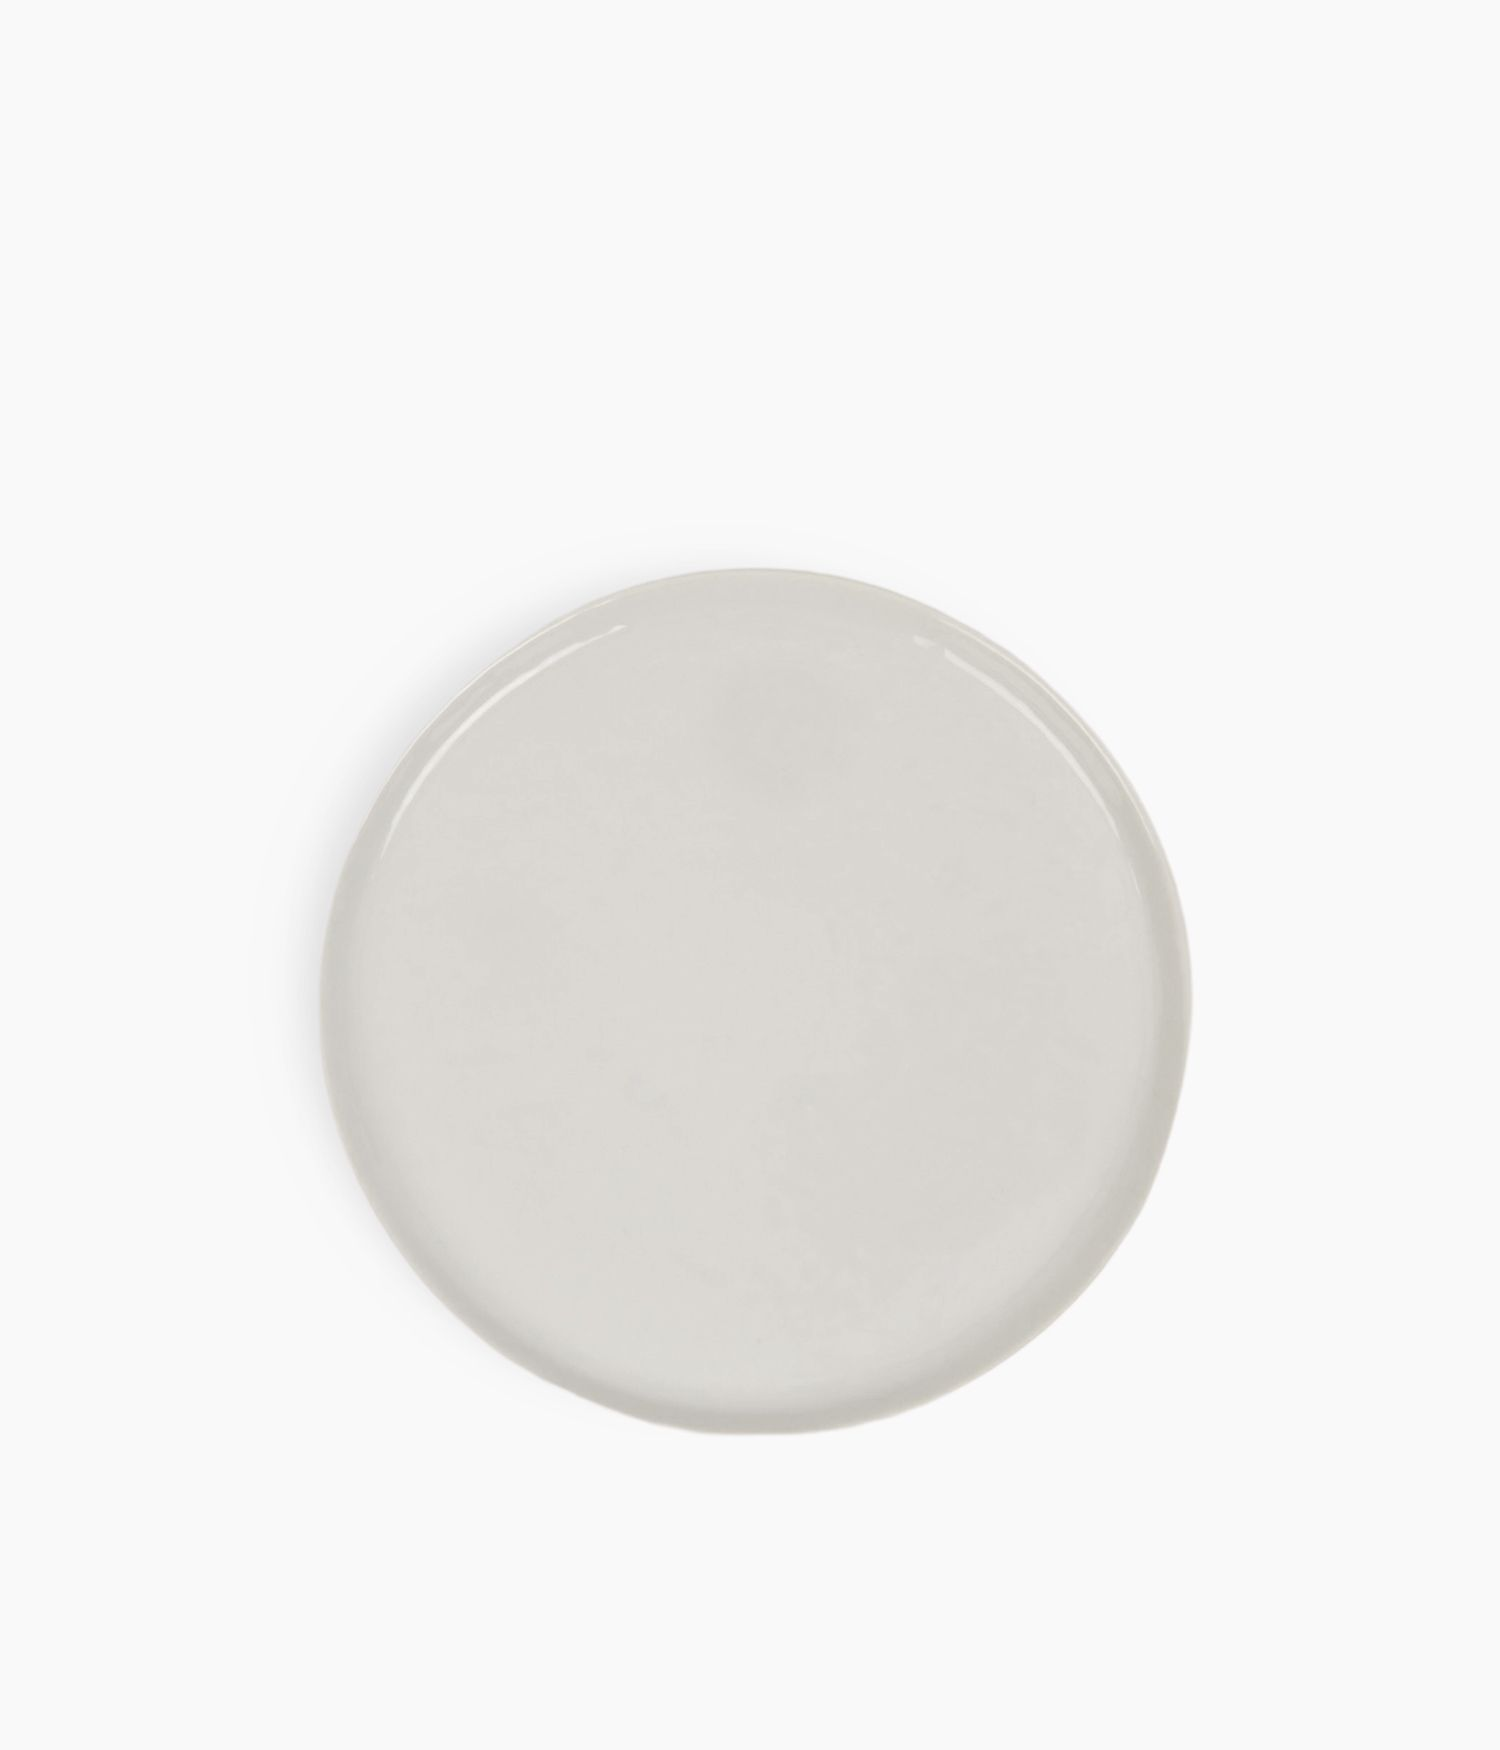 Assiette à dessert en Porcelaine blanche